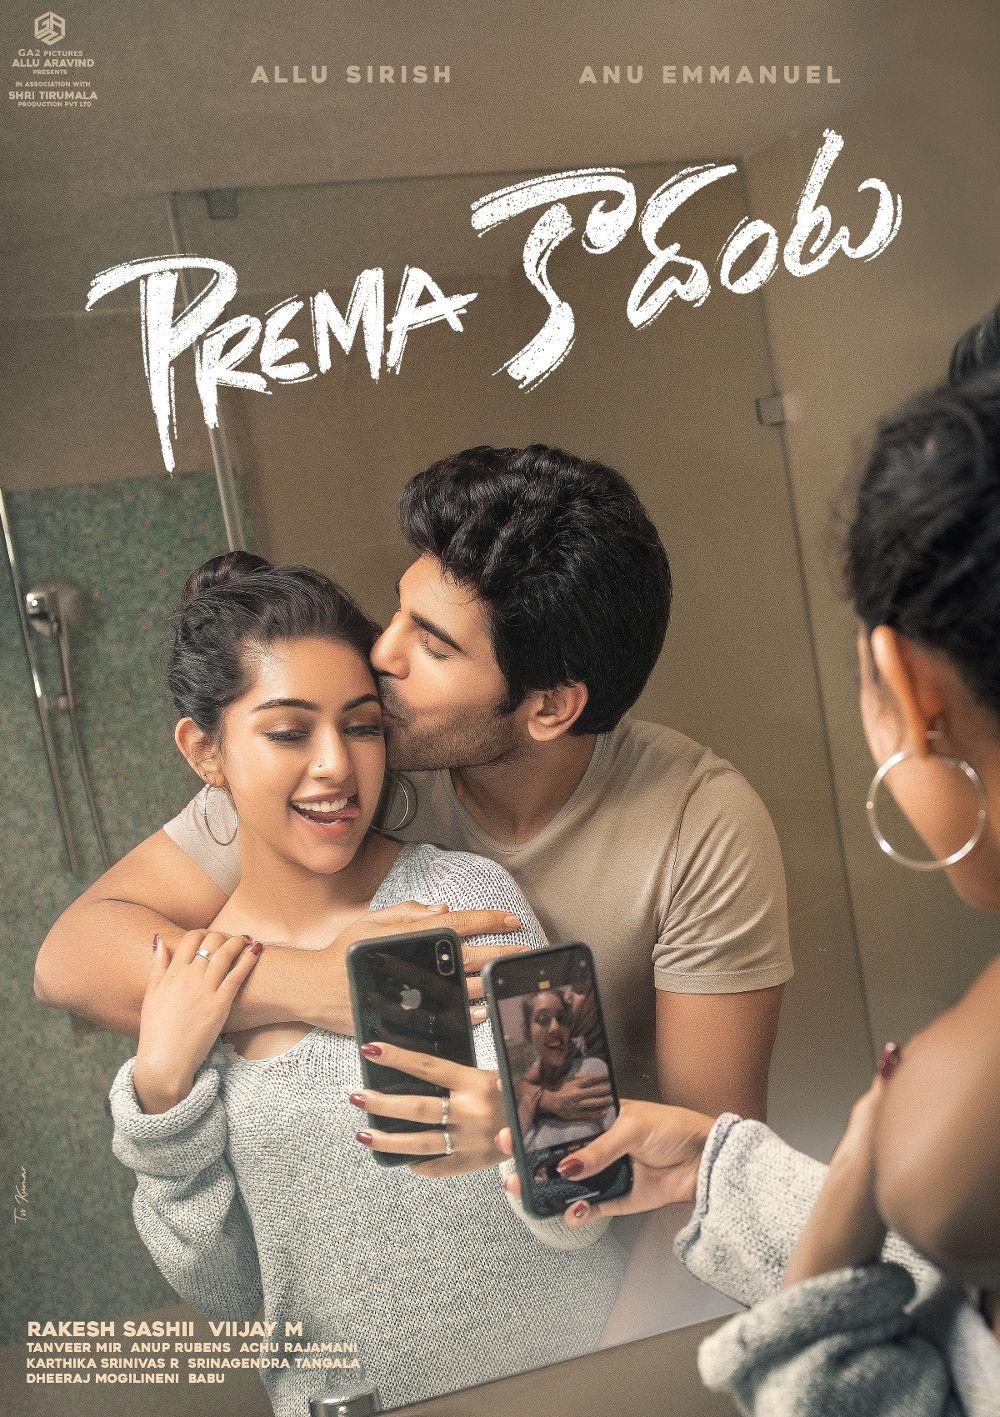 Anu Emmanuel Allu Sirish Prema Kadanta First Look HD Poster